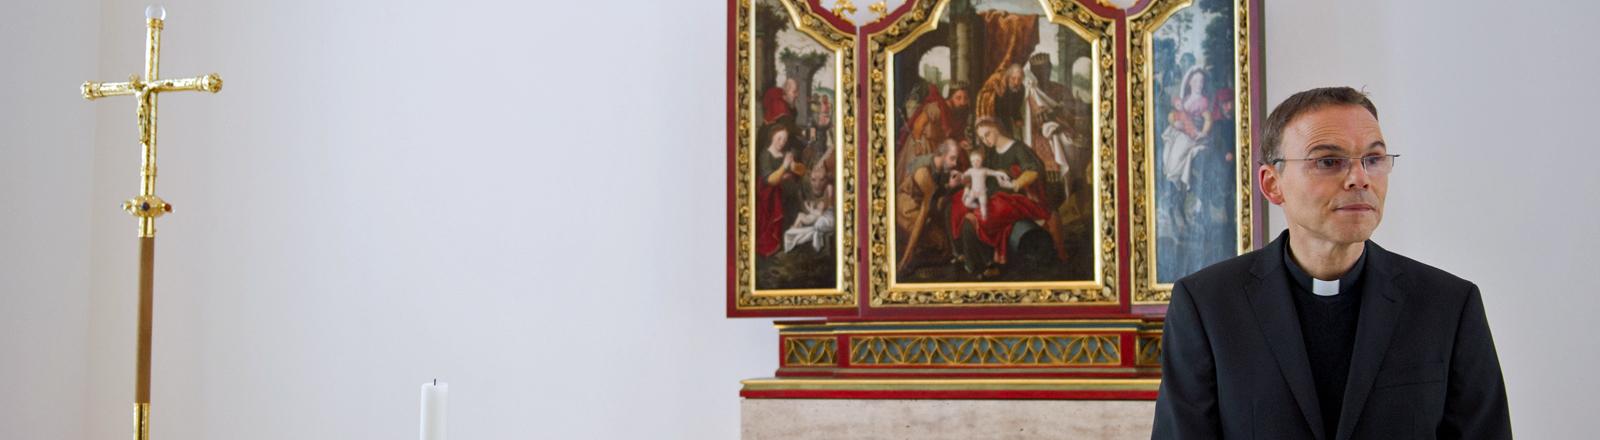 Franz-Peter Tebartz-van Elst, Bischof von Limburg